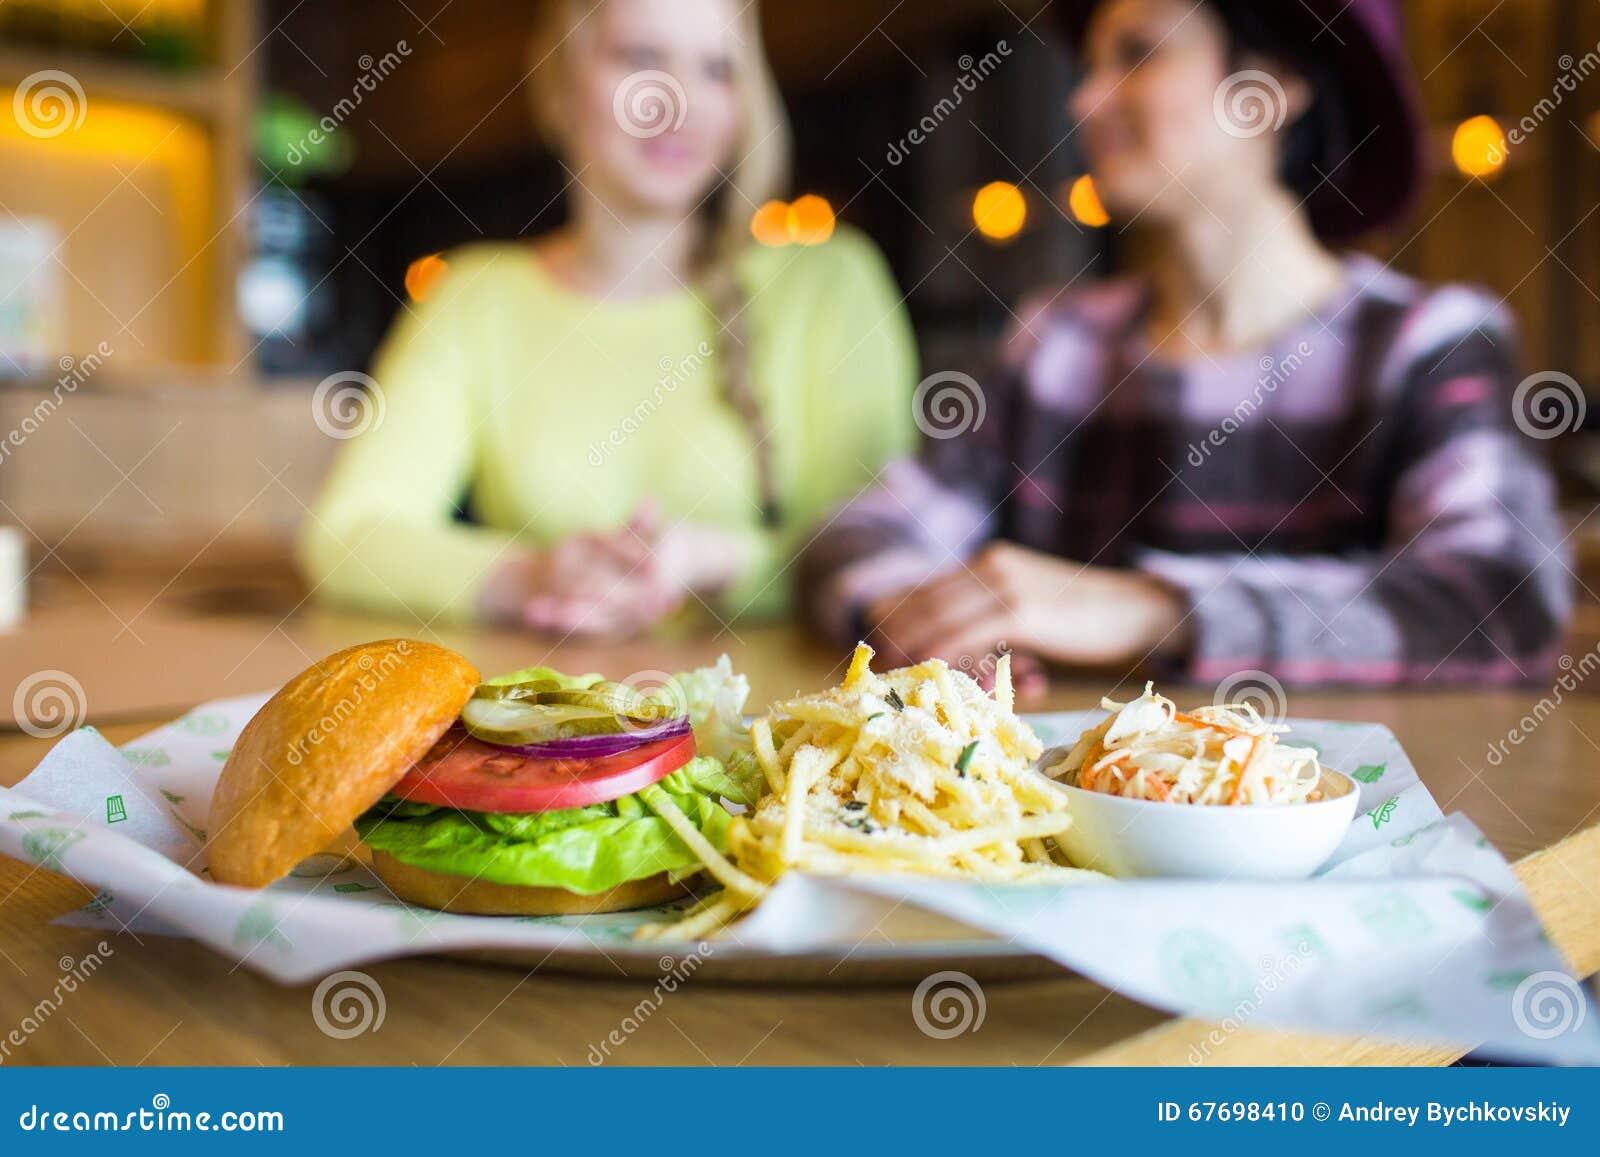 Meisje twee die - hamburger eten en in snel voedseldiner drinken; nadruk op de maaltijd